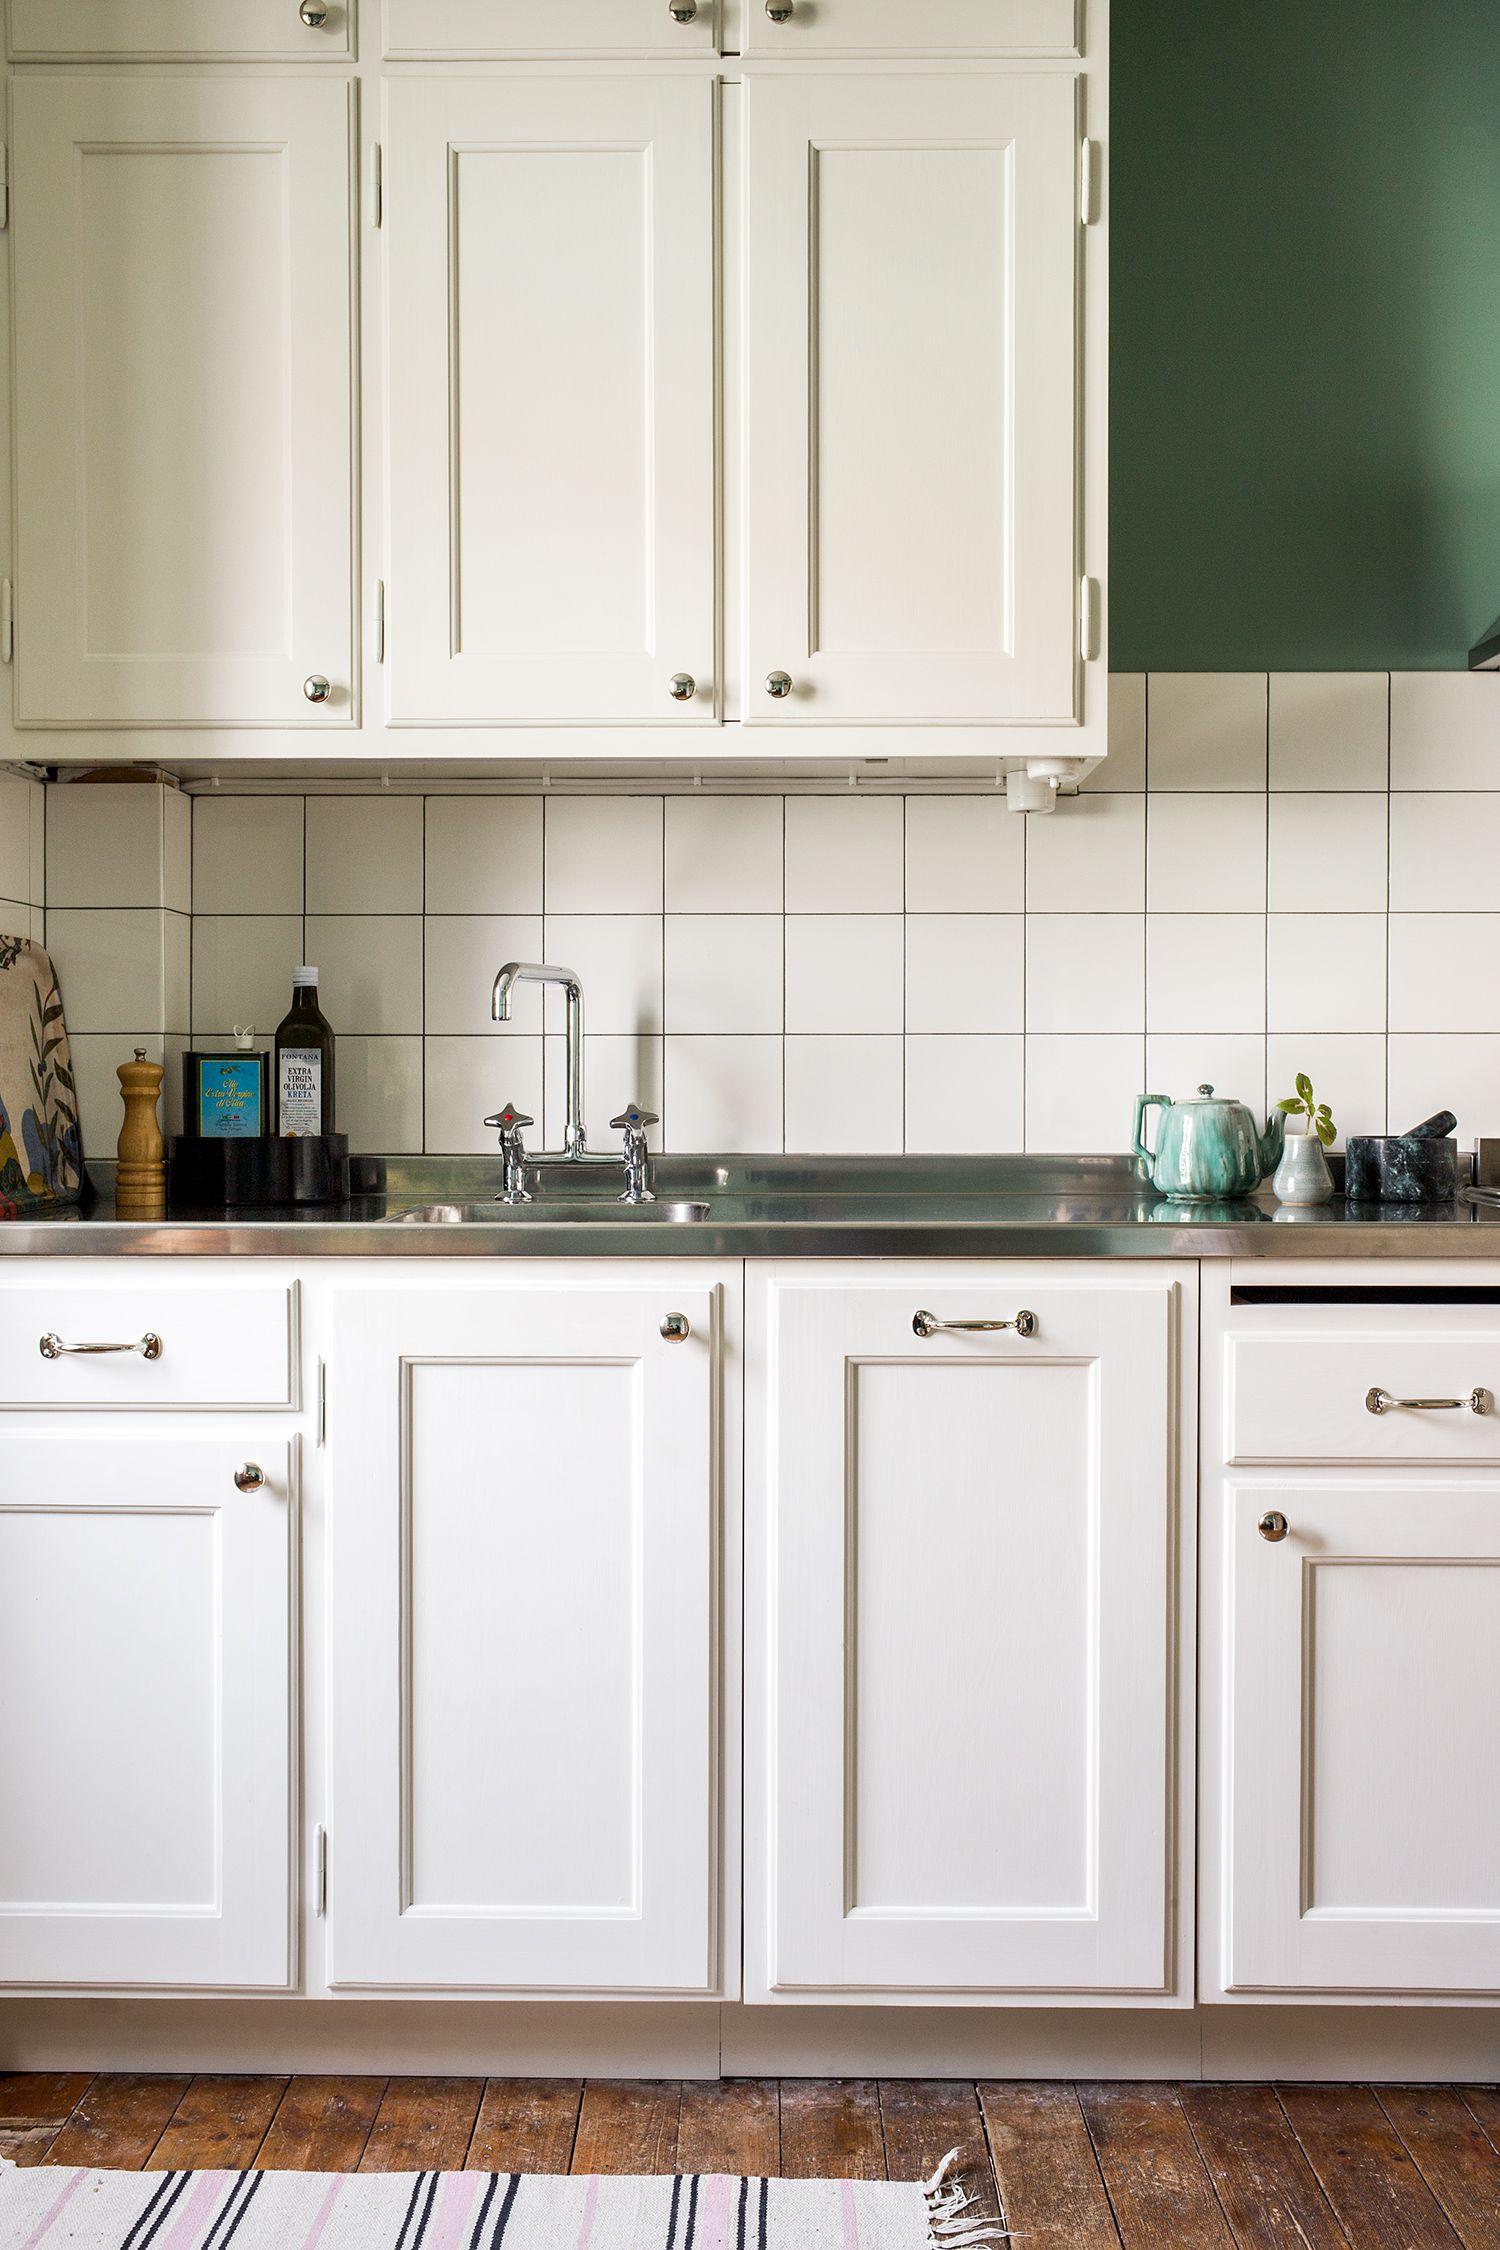 måttbyggt kök i kulturhusen, malmö - inspiration: byggfabriken